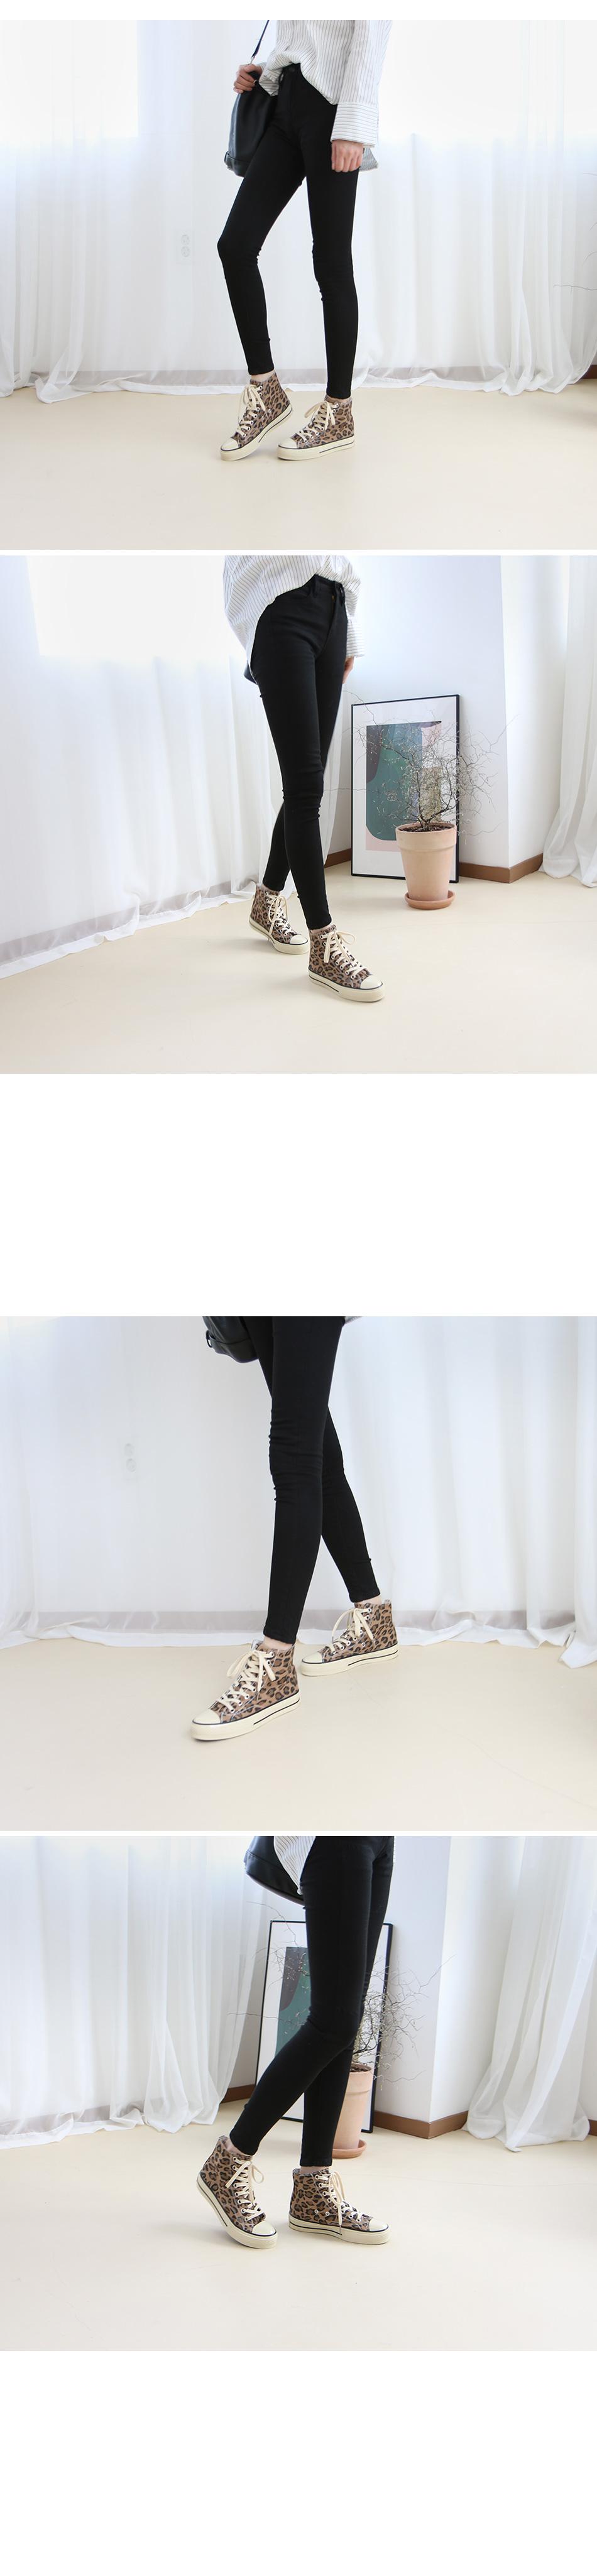 자바토 레오파드 스니커즈 착용컷